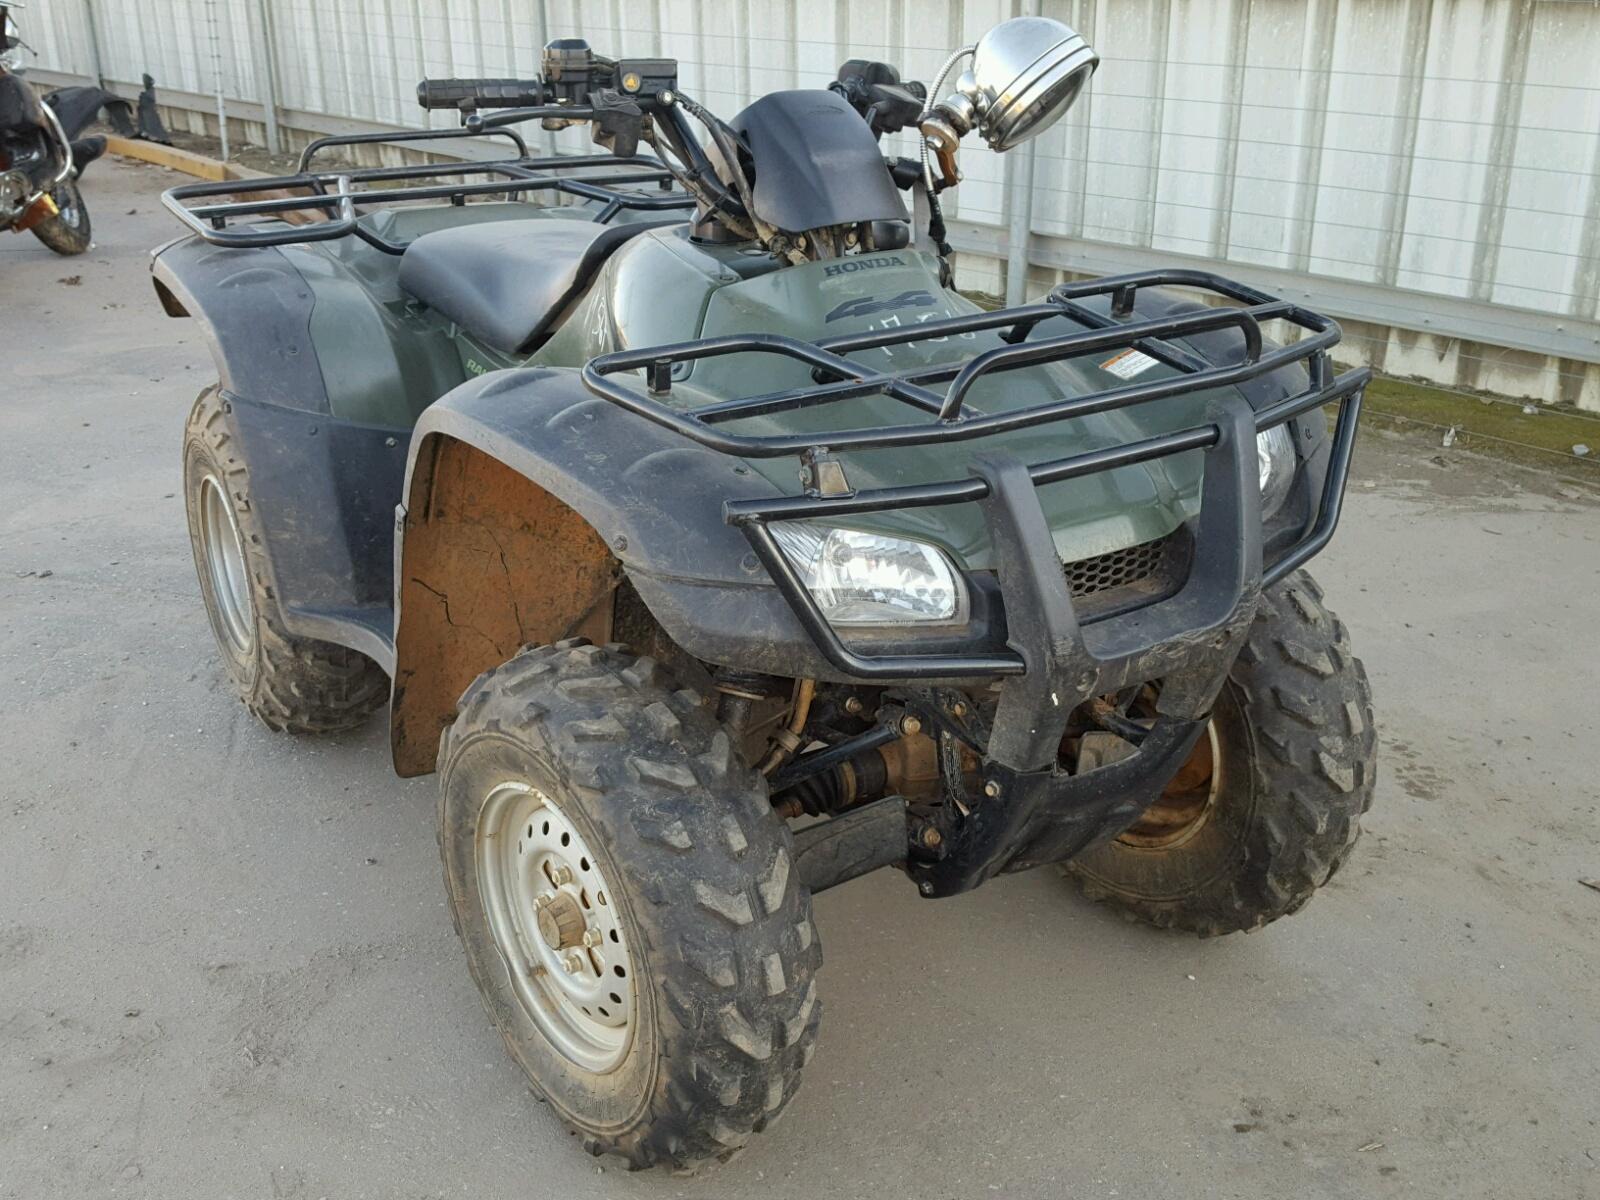 2006 HONDA TRX400 FA 1